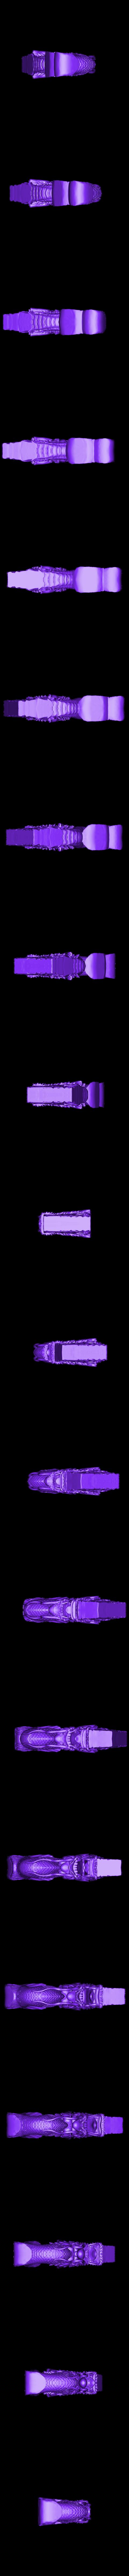 B6884db5 c3b7 49aa 872a 6d0550513fc1